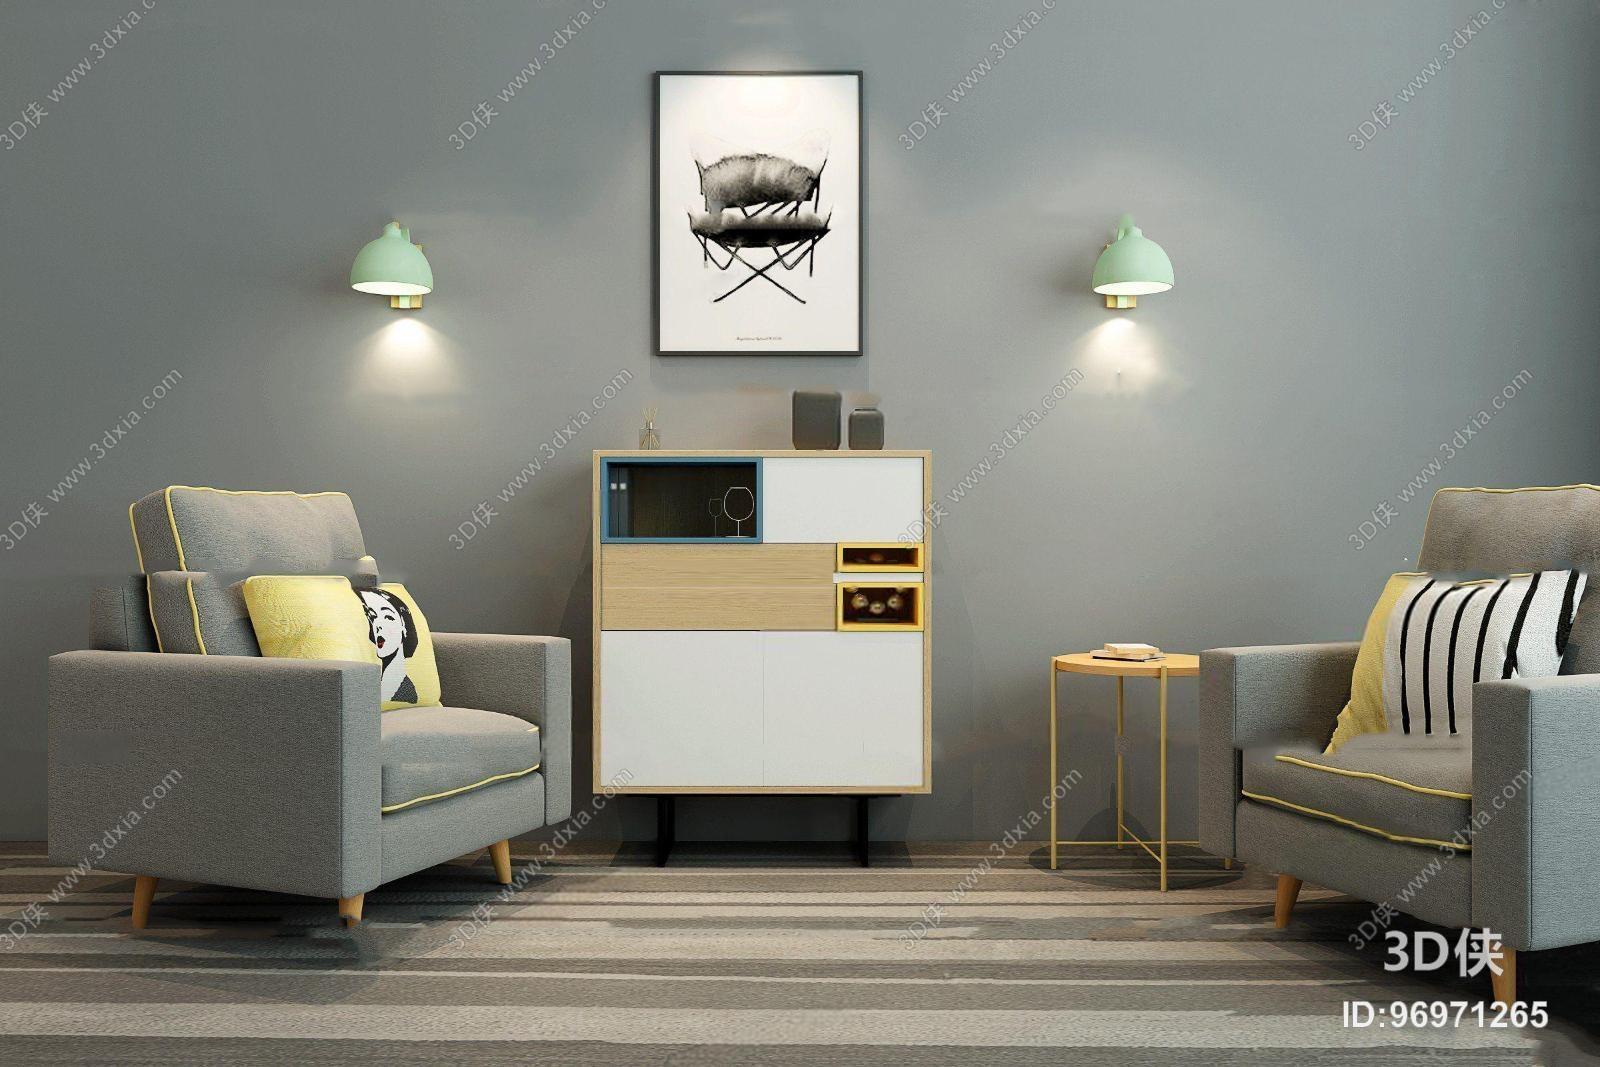 单人沙发效果图素材免费下载,本作品主题是北欧布艺沙发边柜装饰画